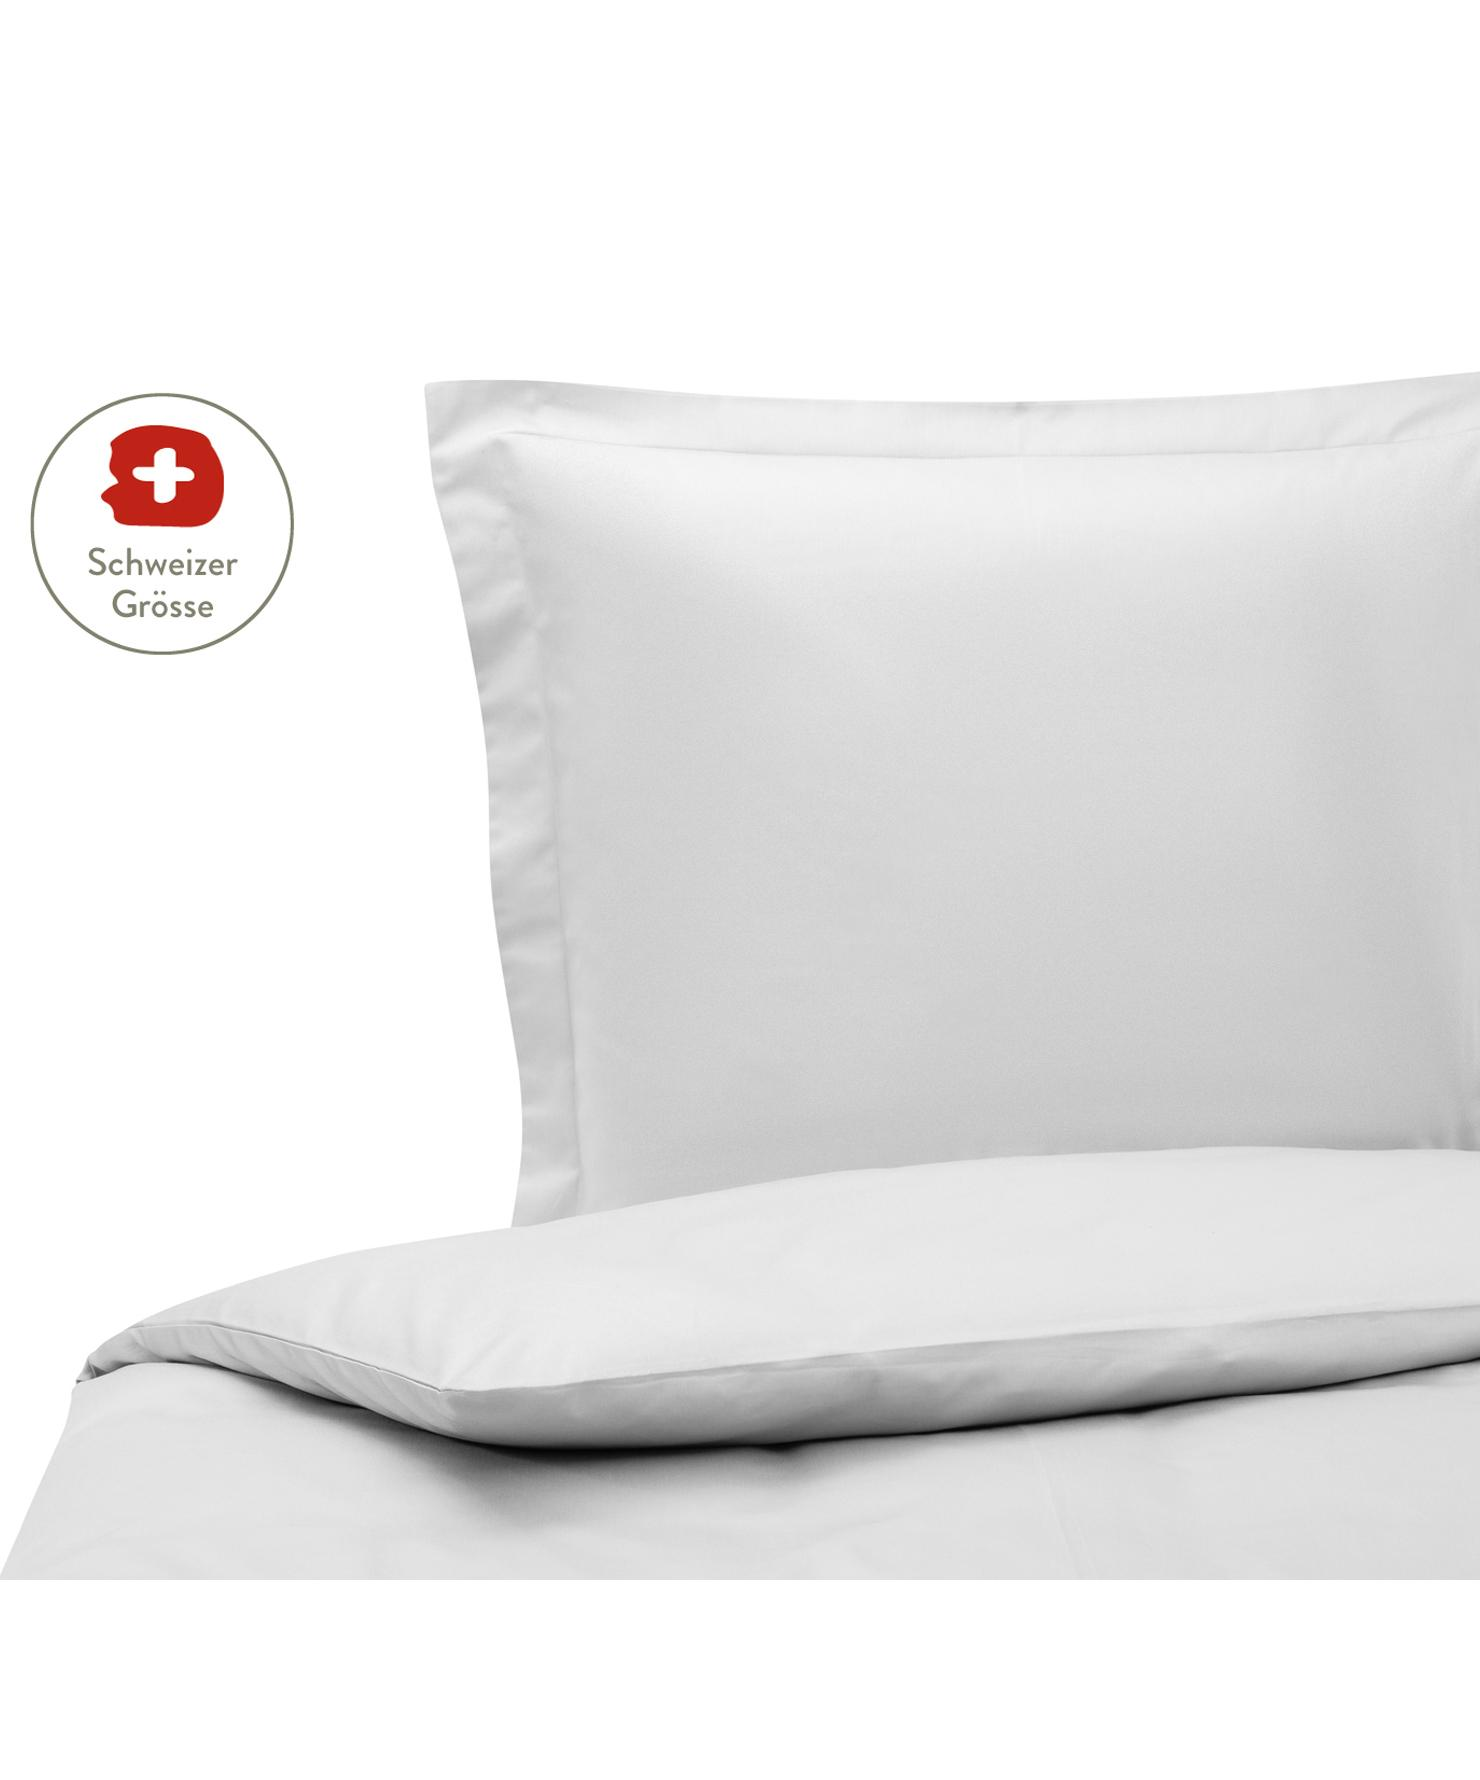 Baumwollsatin-Bettdeckenbezug Premium in Hellgrau mit Stehsaum, Webart: Satin, leicht glänzend Fa, Hellgrau, 160 x 210 cm